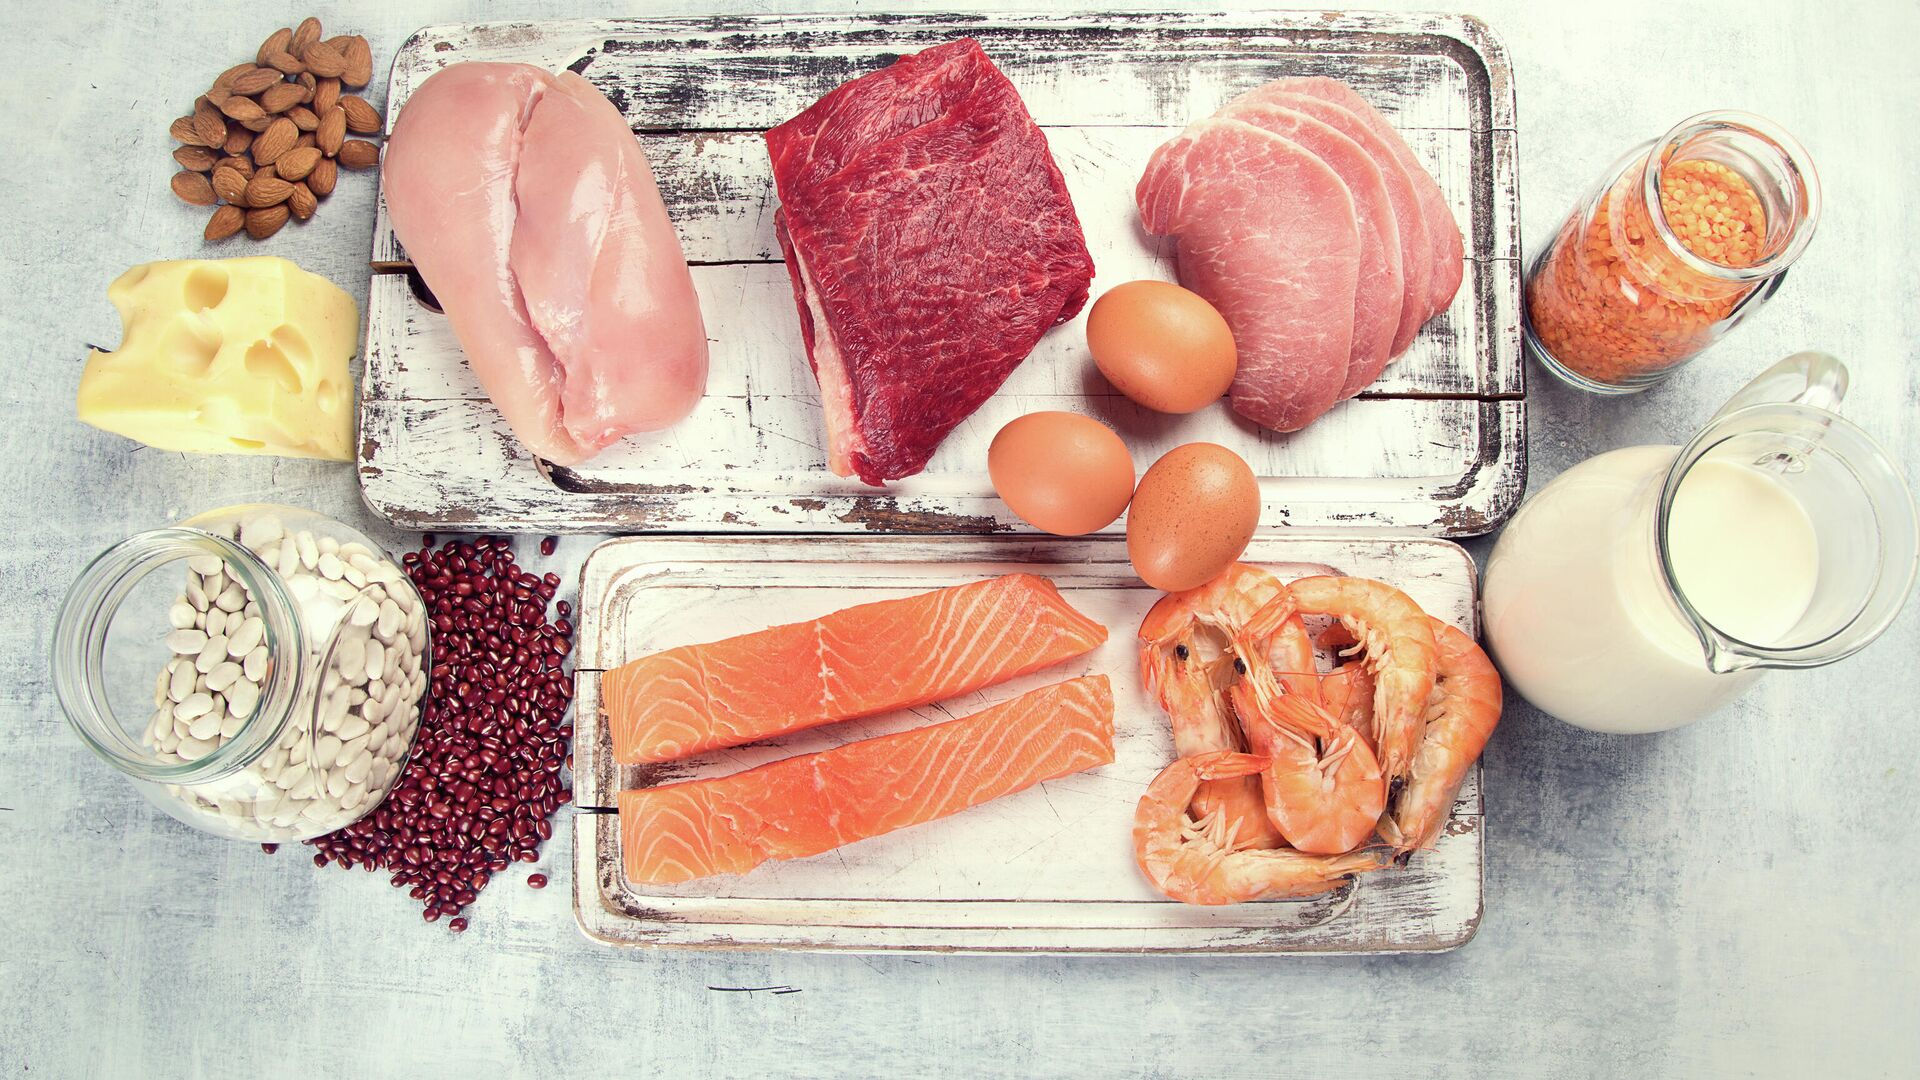 Еда с высоким содержанием белка - РИА Новости, 1920, 21.01.2021